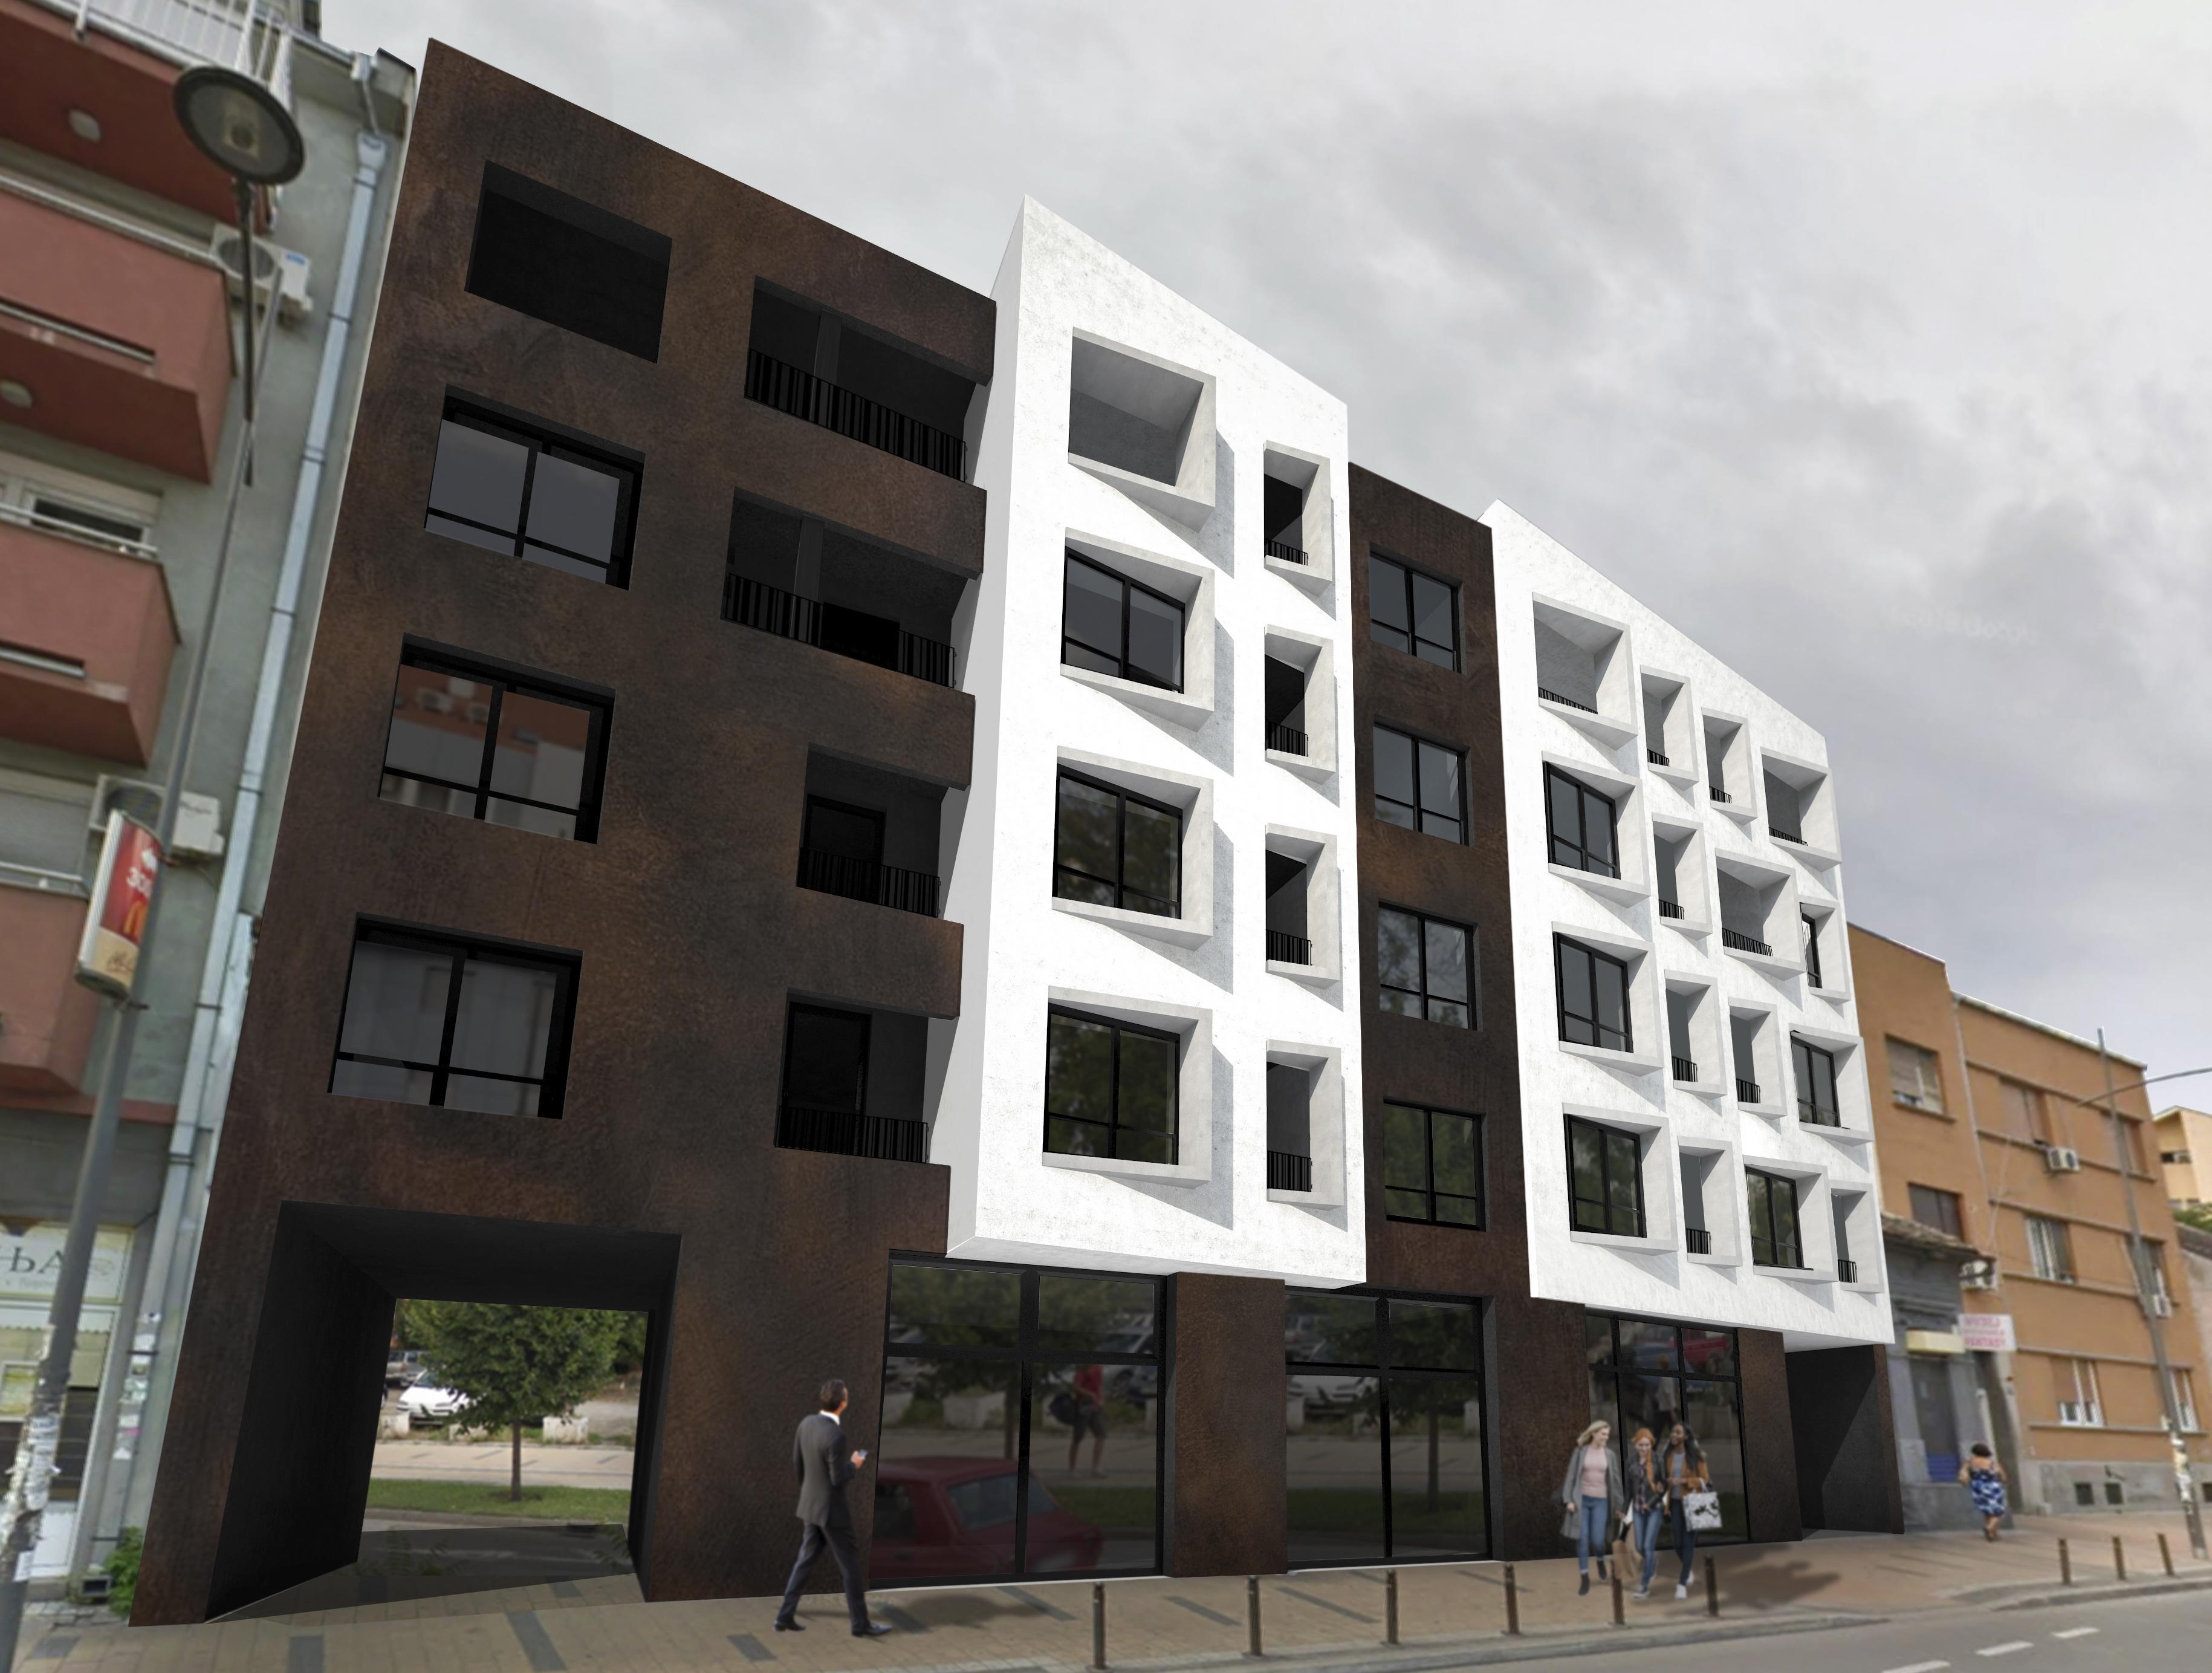 prodaja stanova novi sad centar novogradnja šafarikova 27 ulaz A